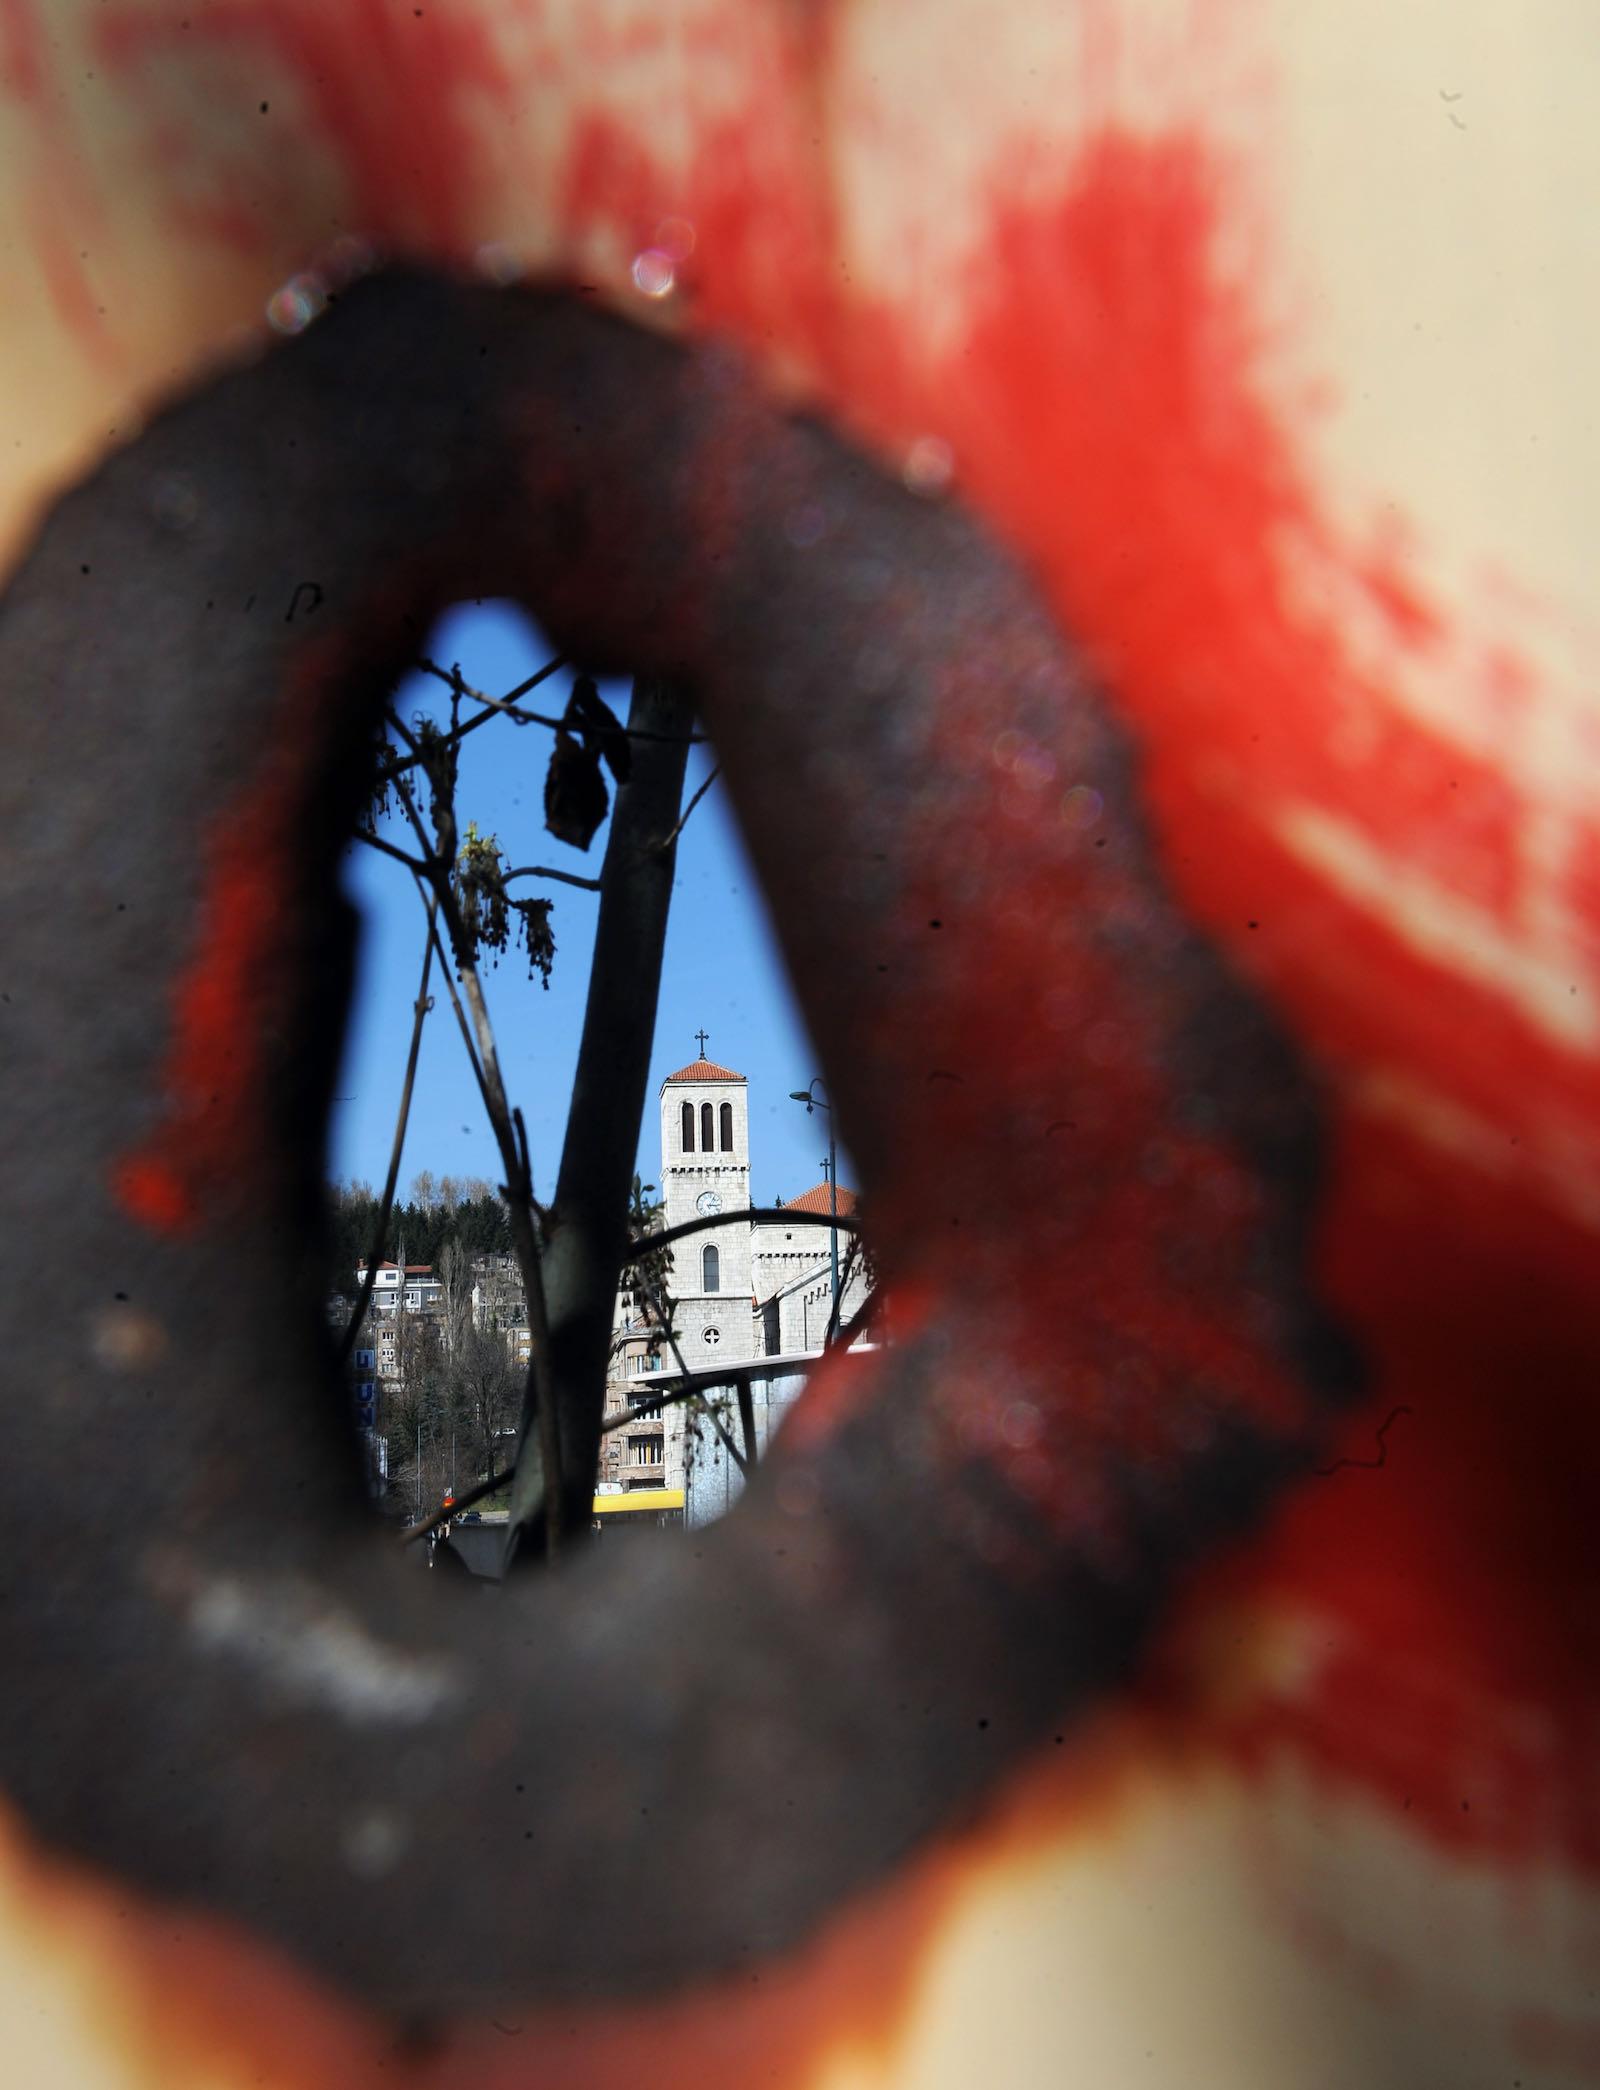 A church on Marijin Dvor Square seen through an old shrapnel hole